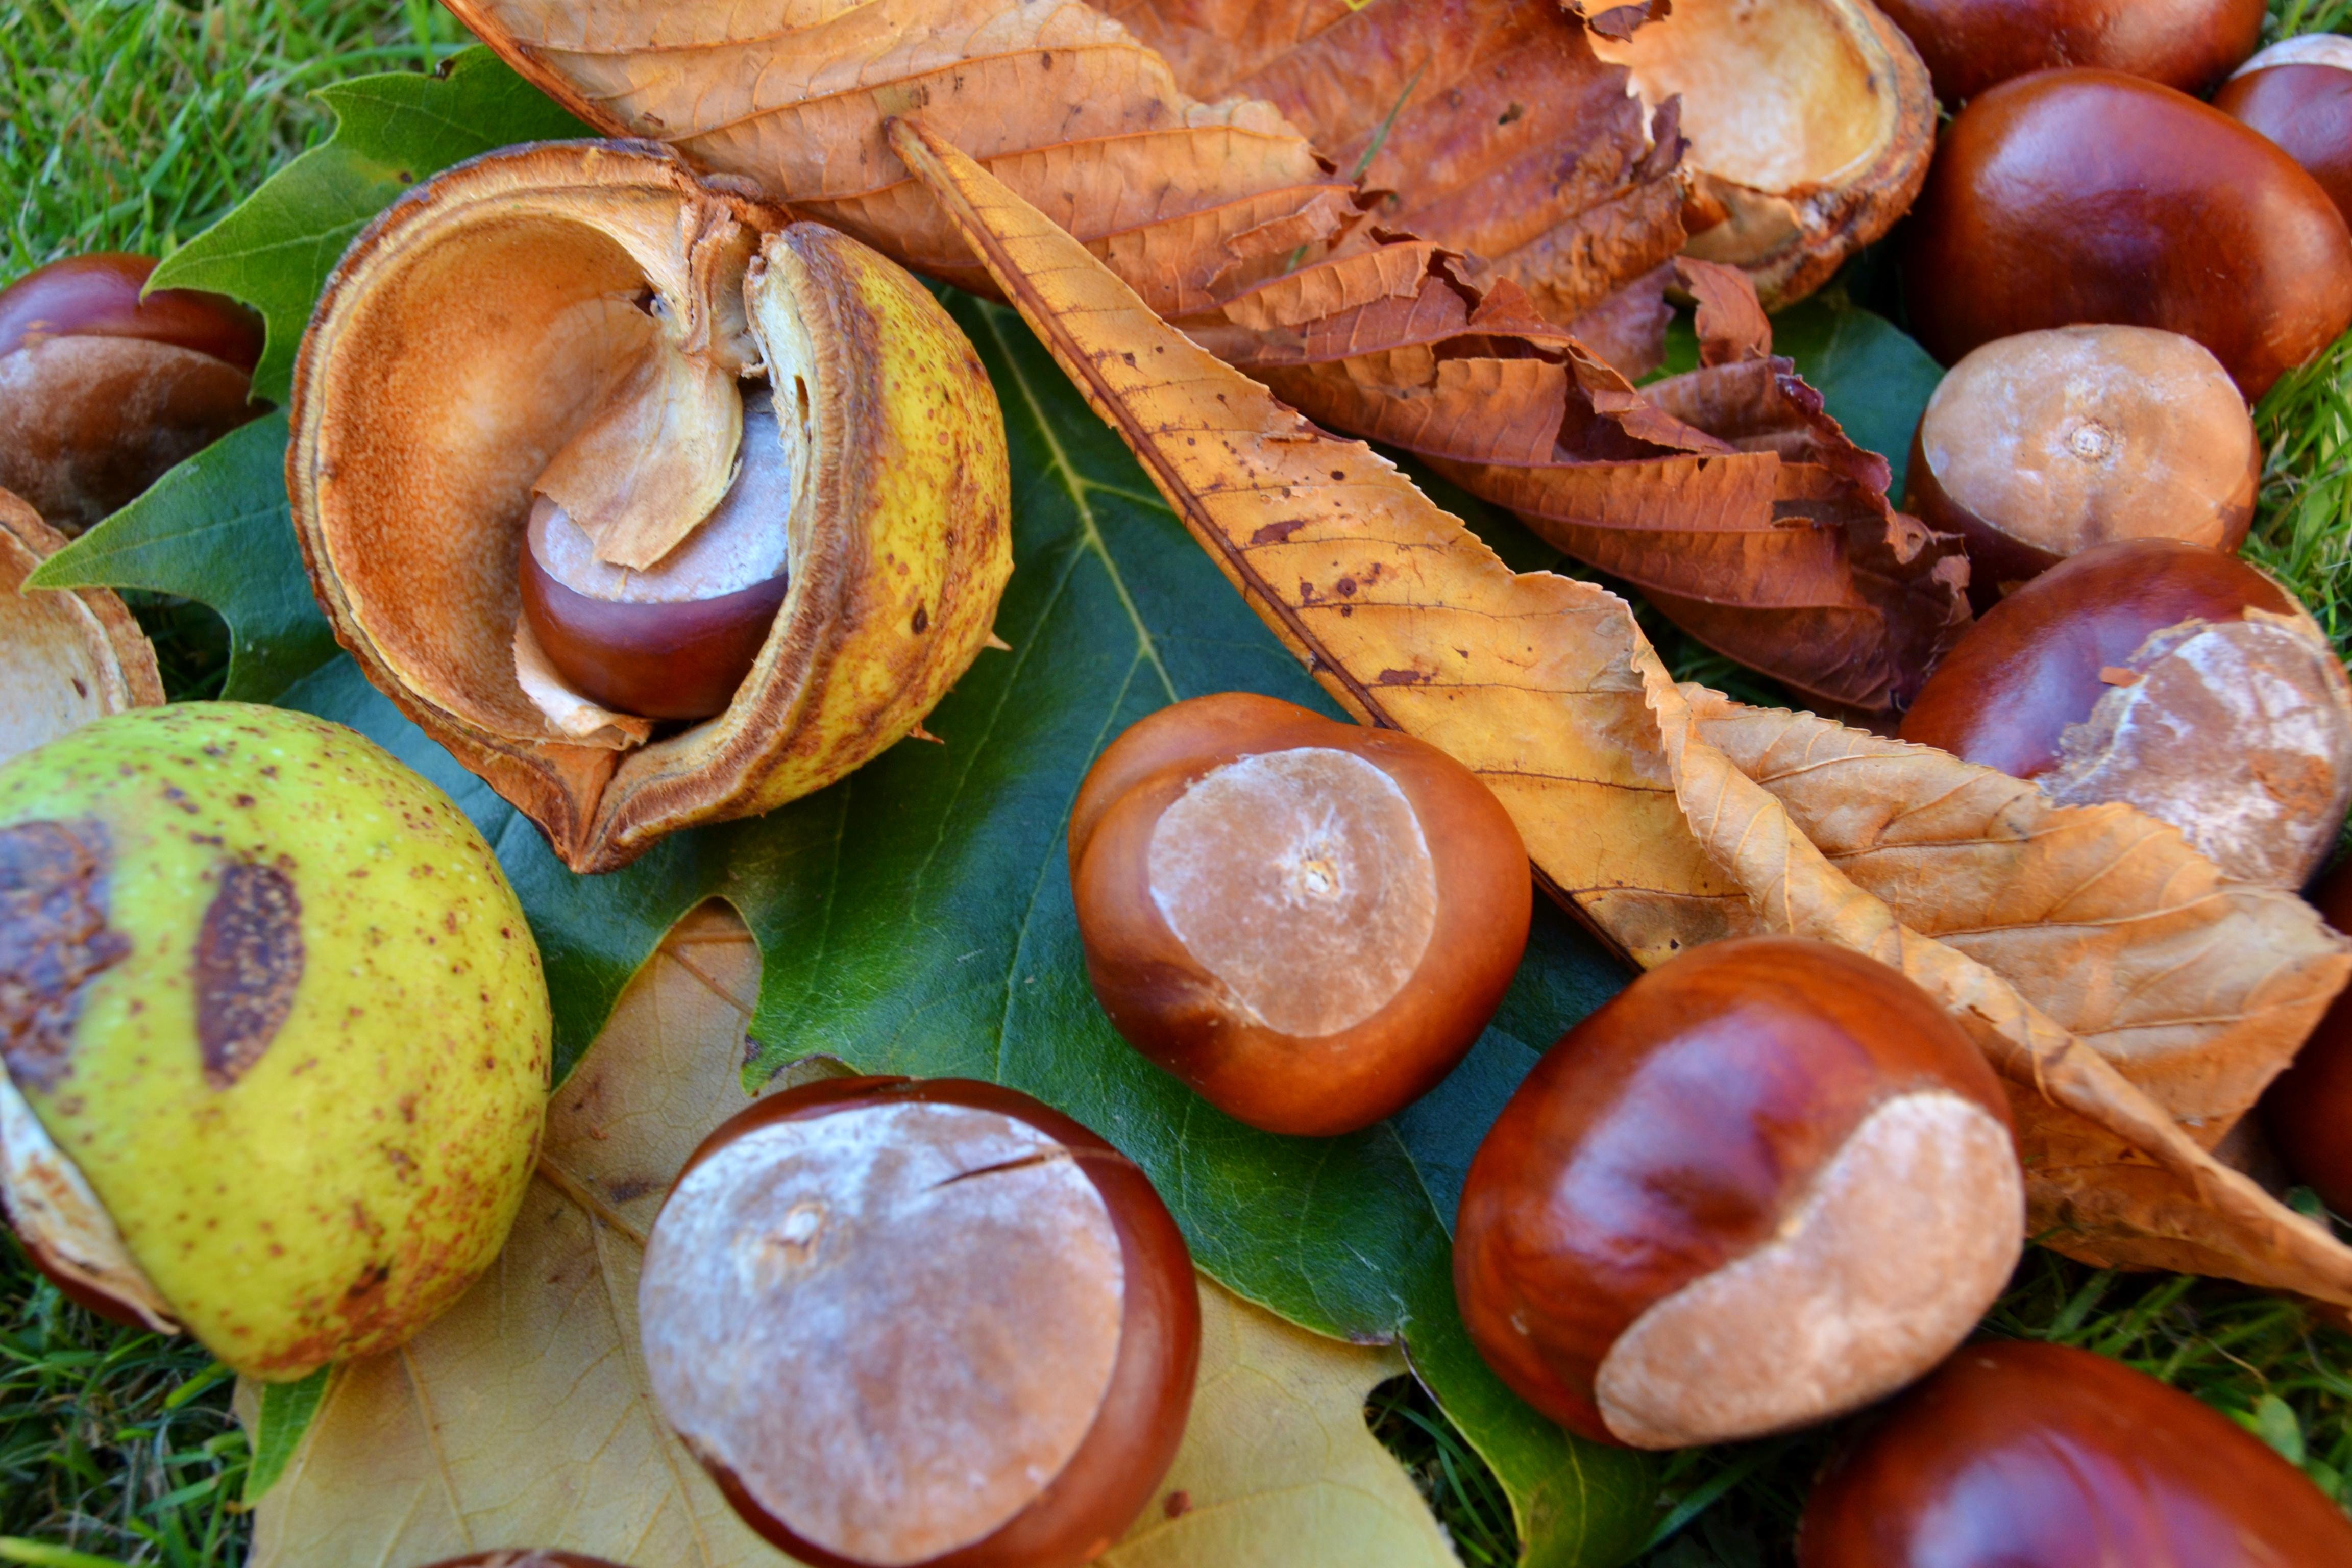 Hintergrundbilder : Herbst, Pferd, braun, Farbe, Grün, Blätter ...